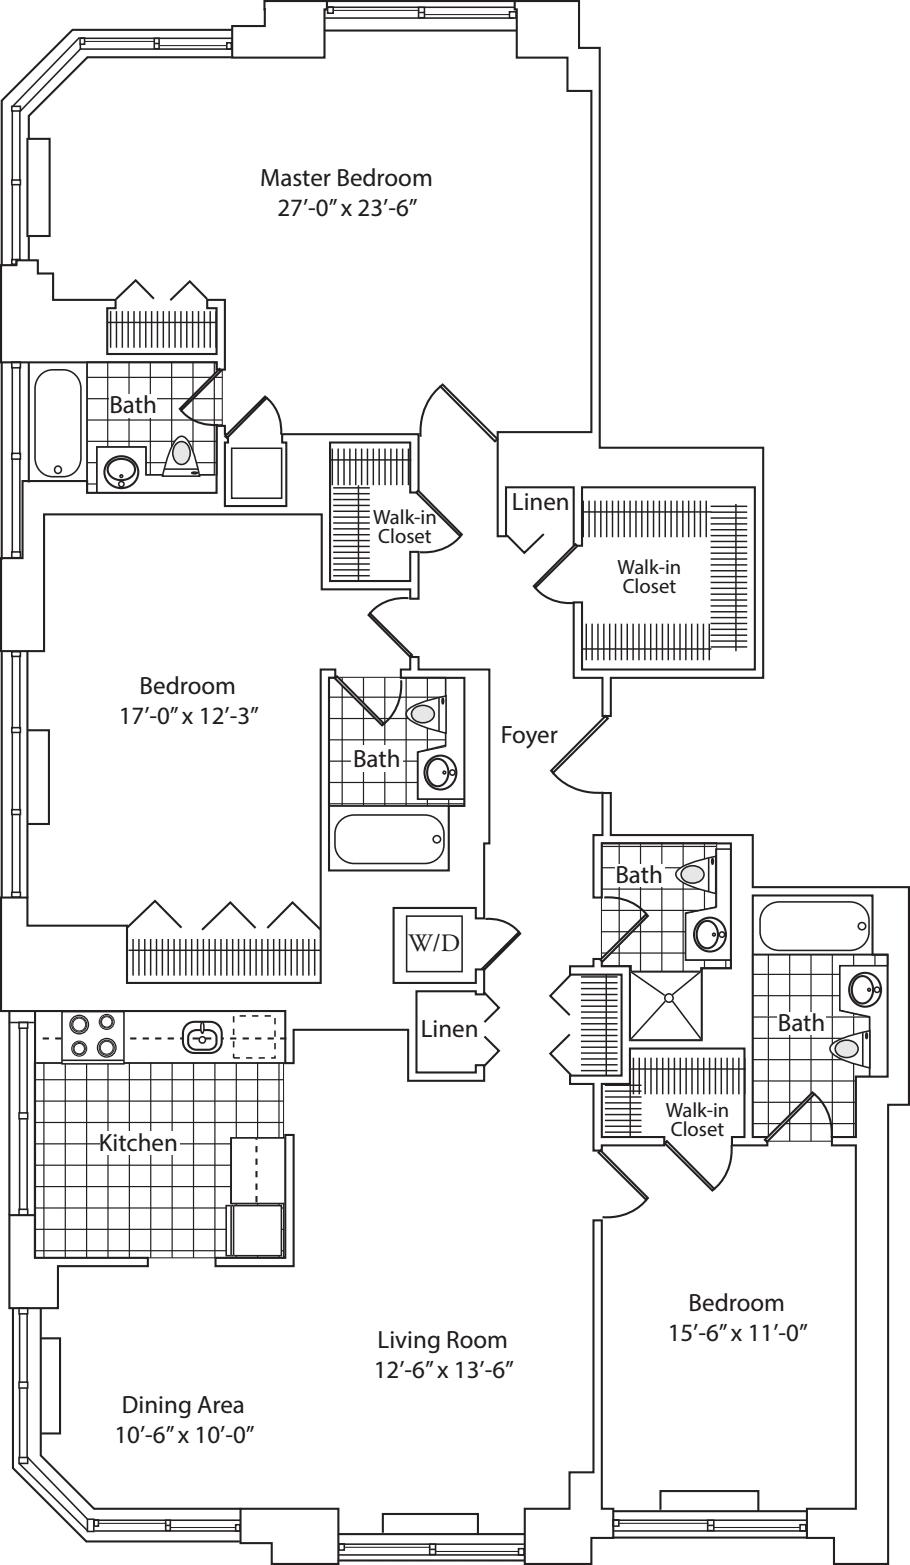 Residence A/B floors 22, 26, 27, 31, 33